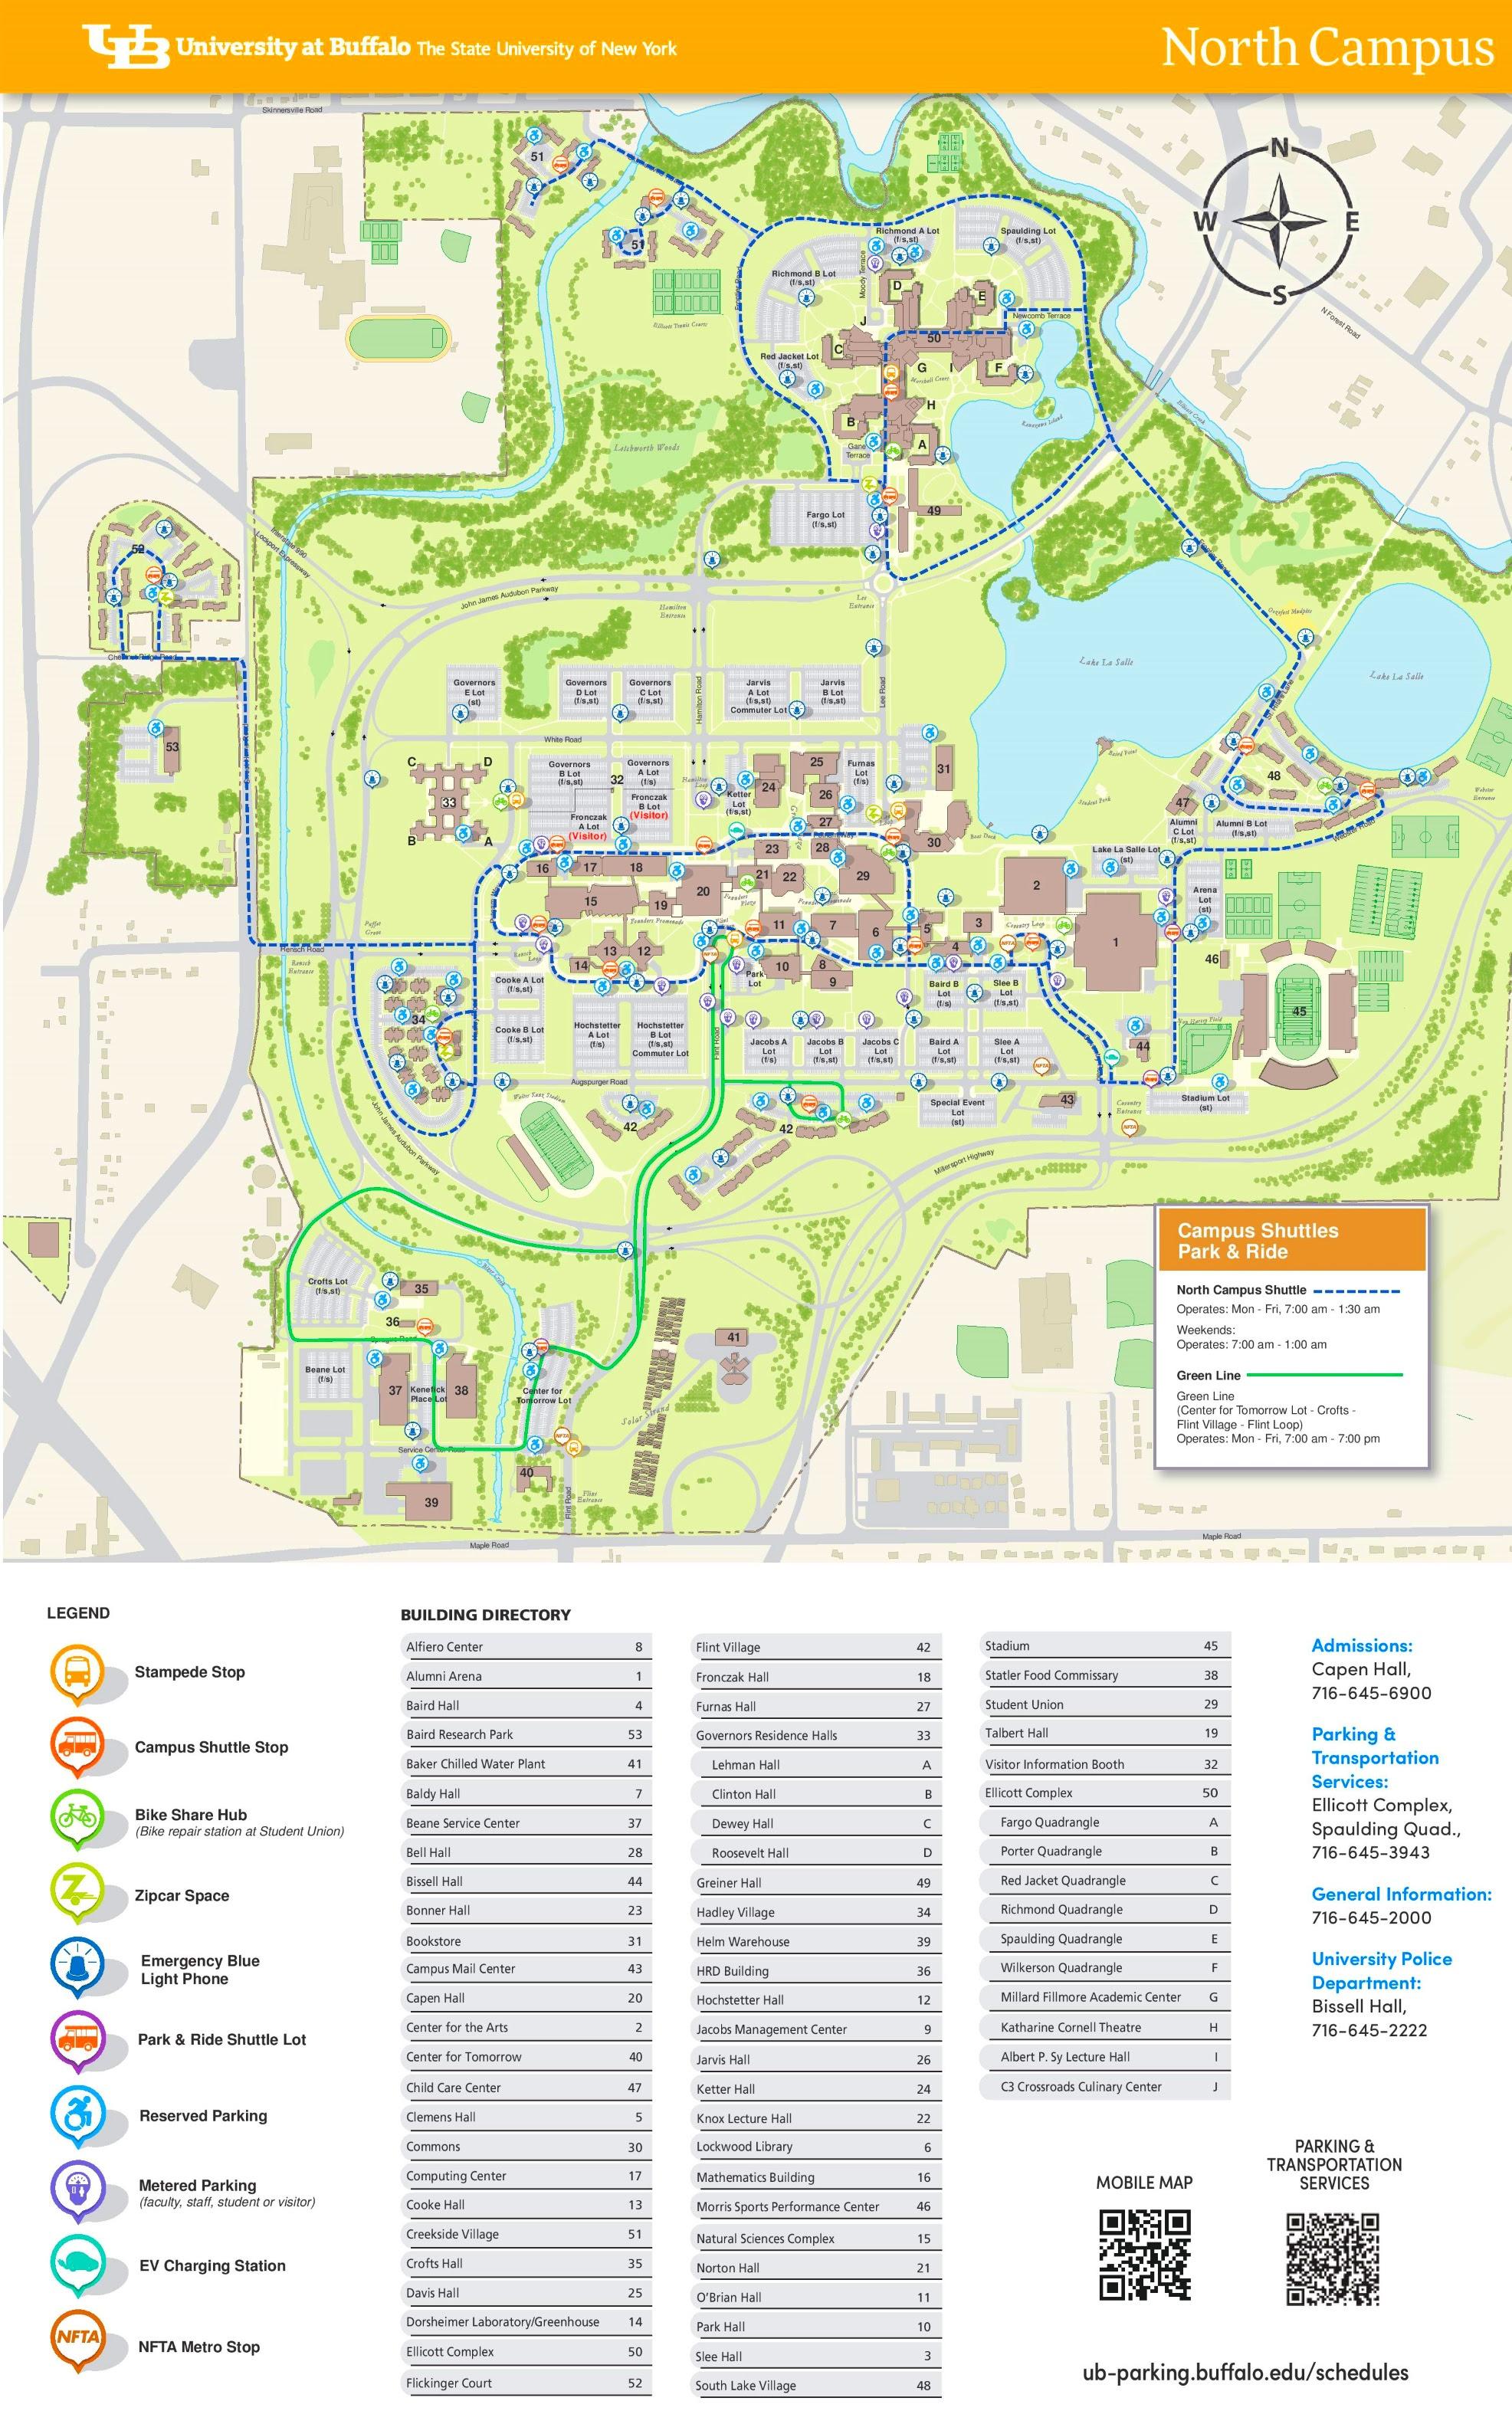 Ub Campus Map Ub North Campus Map | States Maps